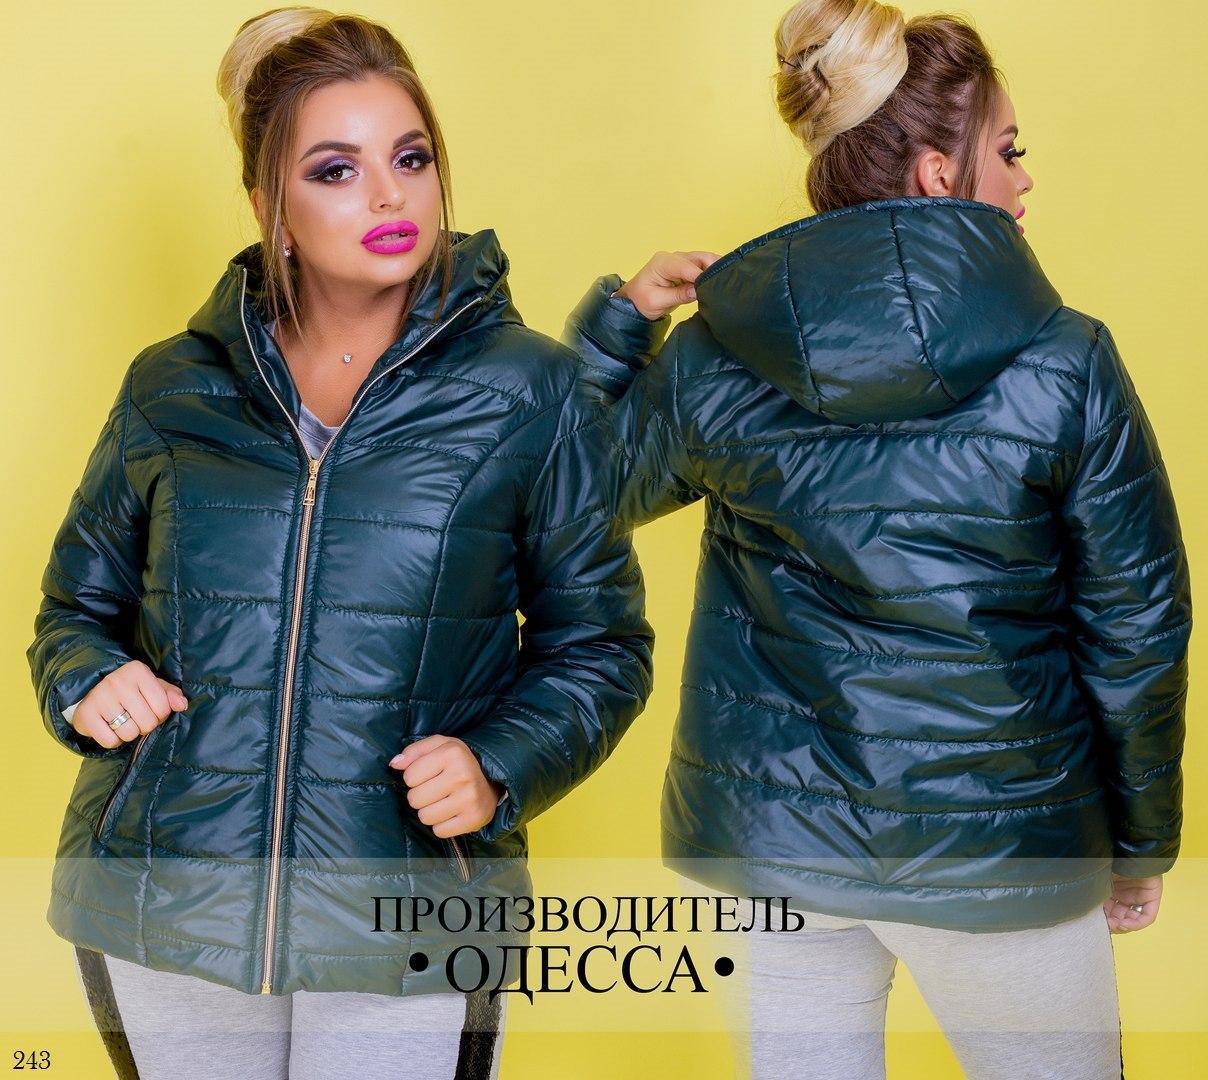 db8e3cc97dfd Женская демисезонная куртка с капюшоном, плащевка на синтепоне, размер  42-44, 46